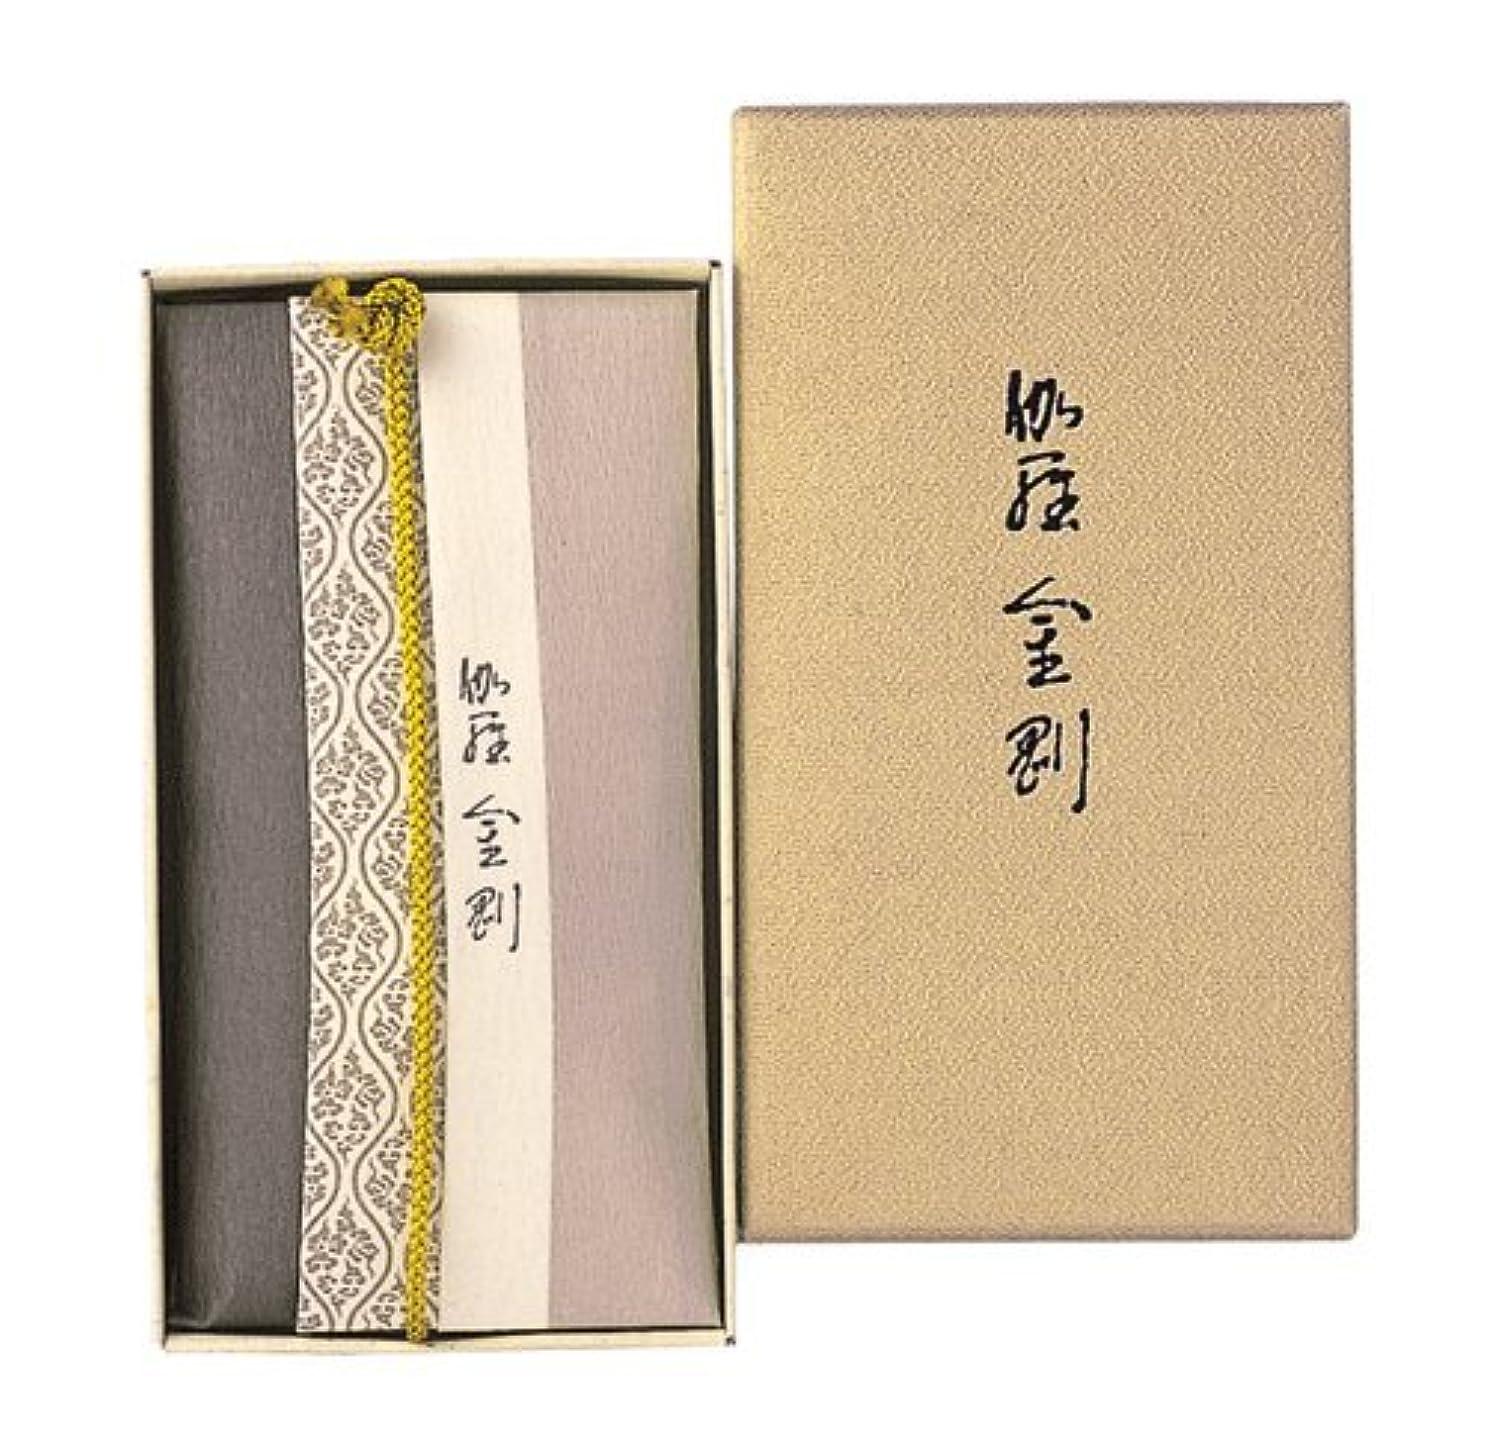 原稿学士雄弁な香木の香りのお香 伽羅金剛 コーン24個入